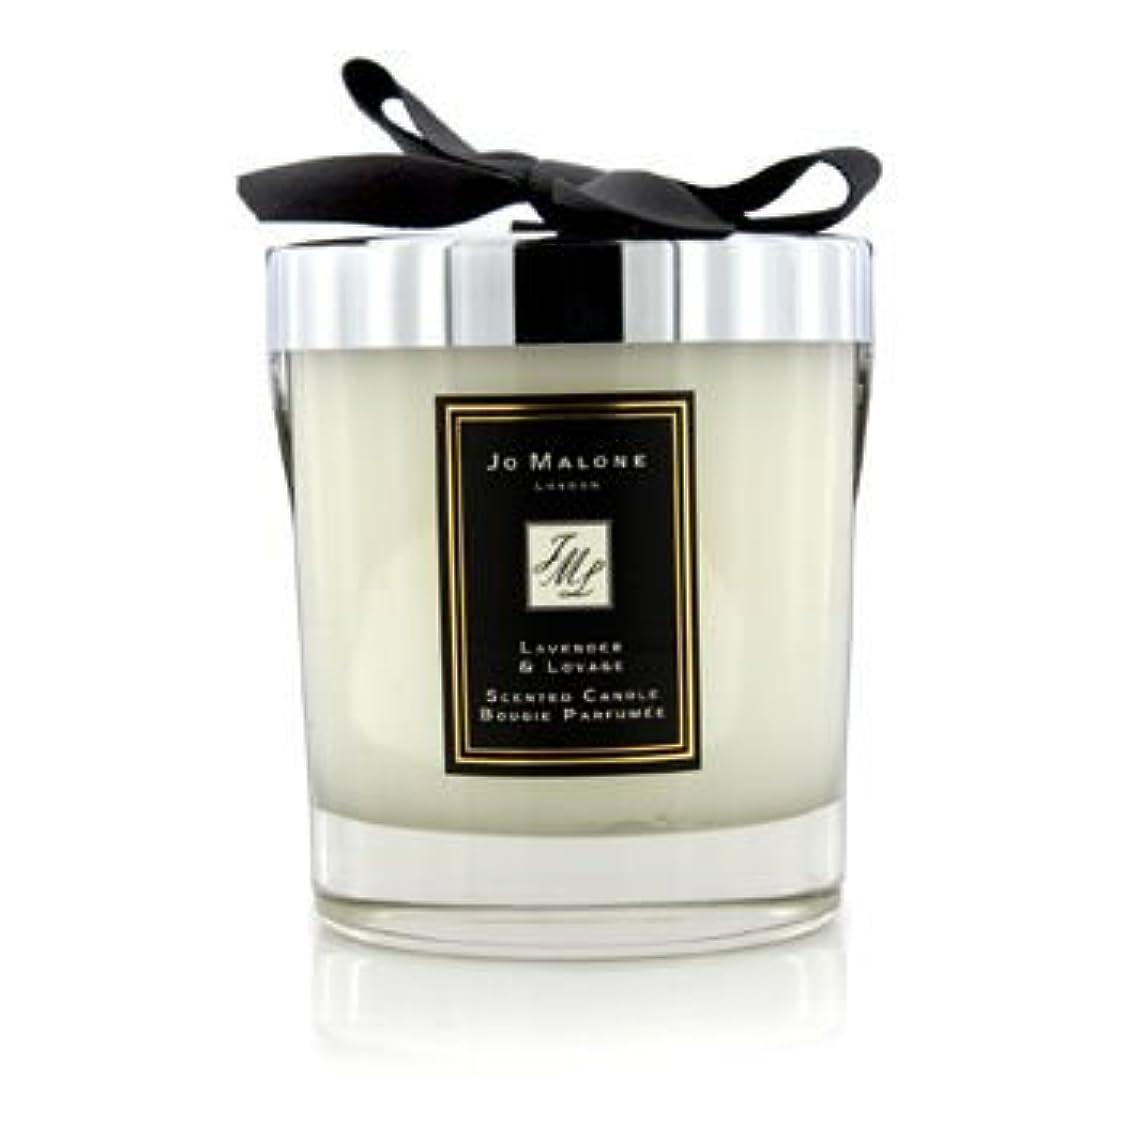 学者摂氏度領事館[Jo Malone] Lavender & Lovage Scented Candle 200g (2.5 inch)